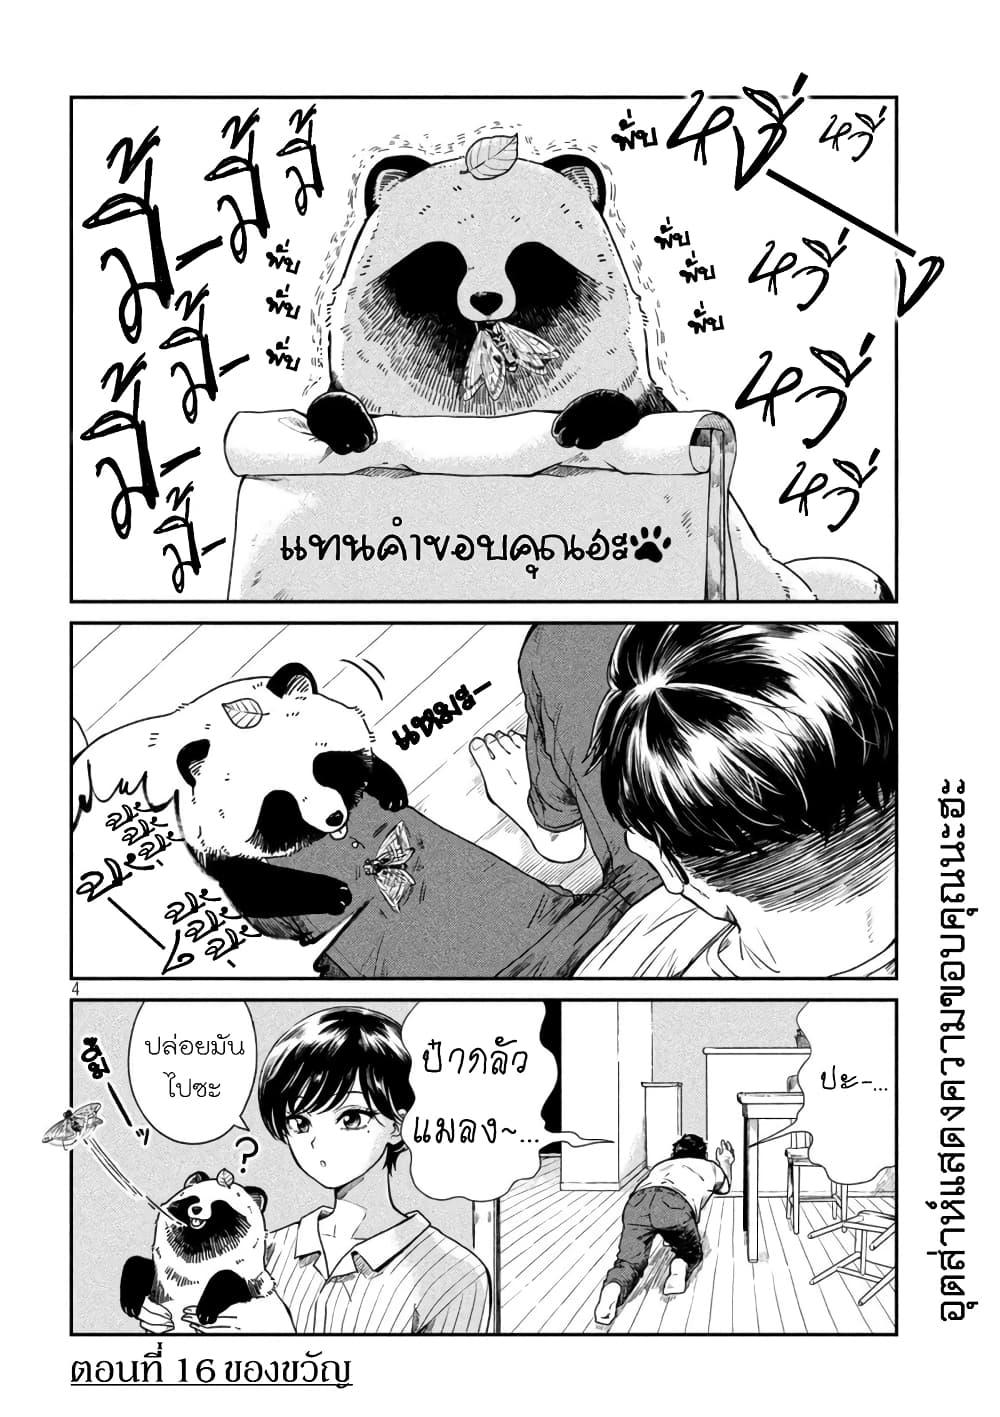 อ่านการ์ตูน Ame to Kimi to ตอนที่ 16 หน้าที่ 4